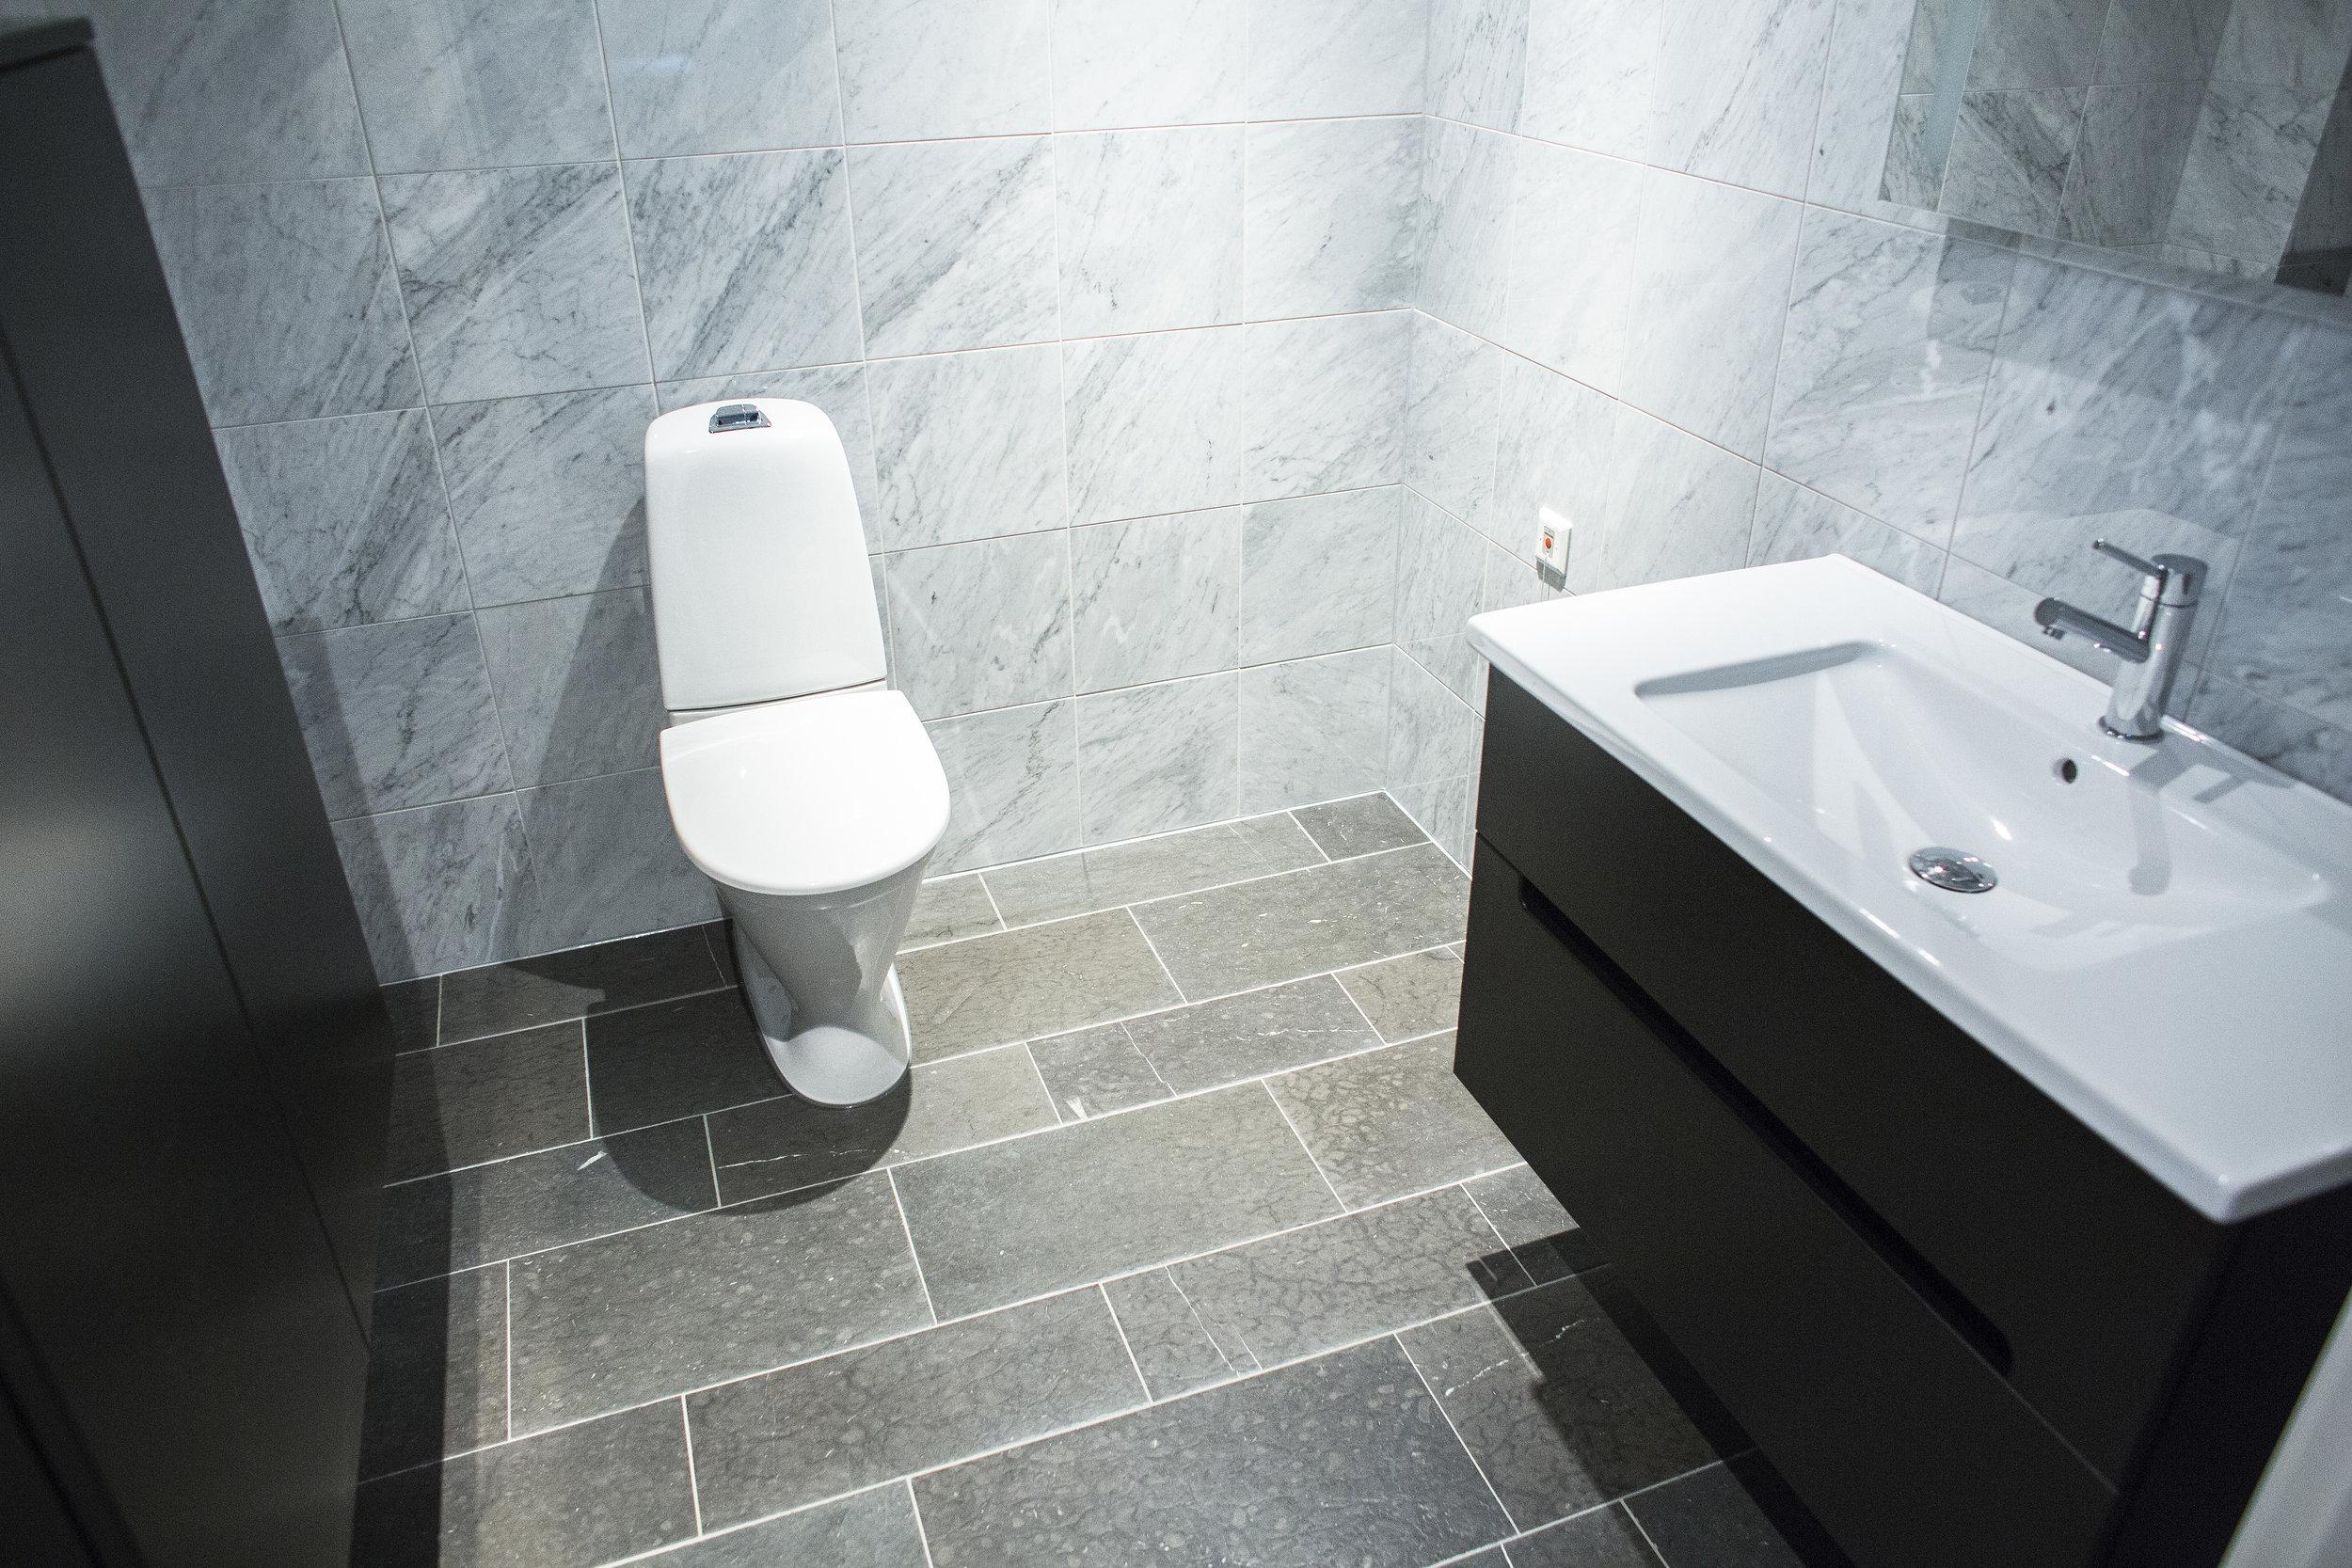 Golv: Rustik svart jämtland / Vägg: Carrara/CD Marmor ::: Floor: Rustic black Jämtland / Walls: Carrara/CD marble